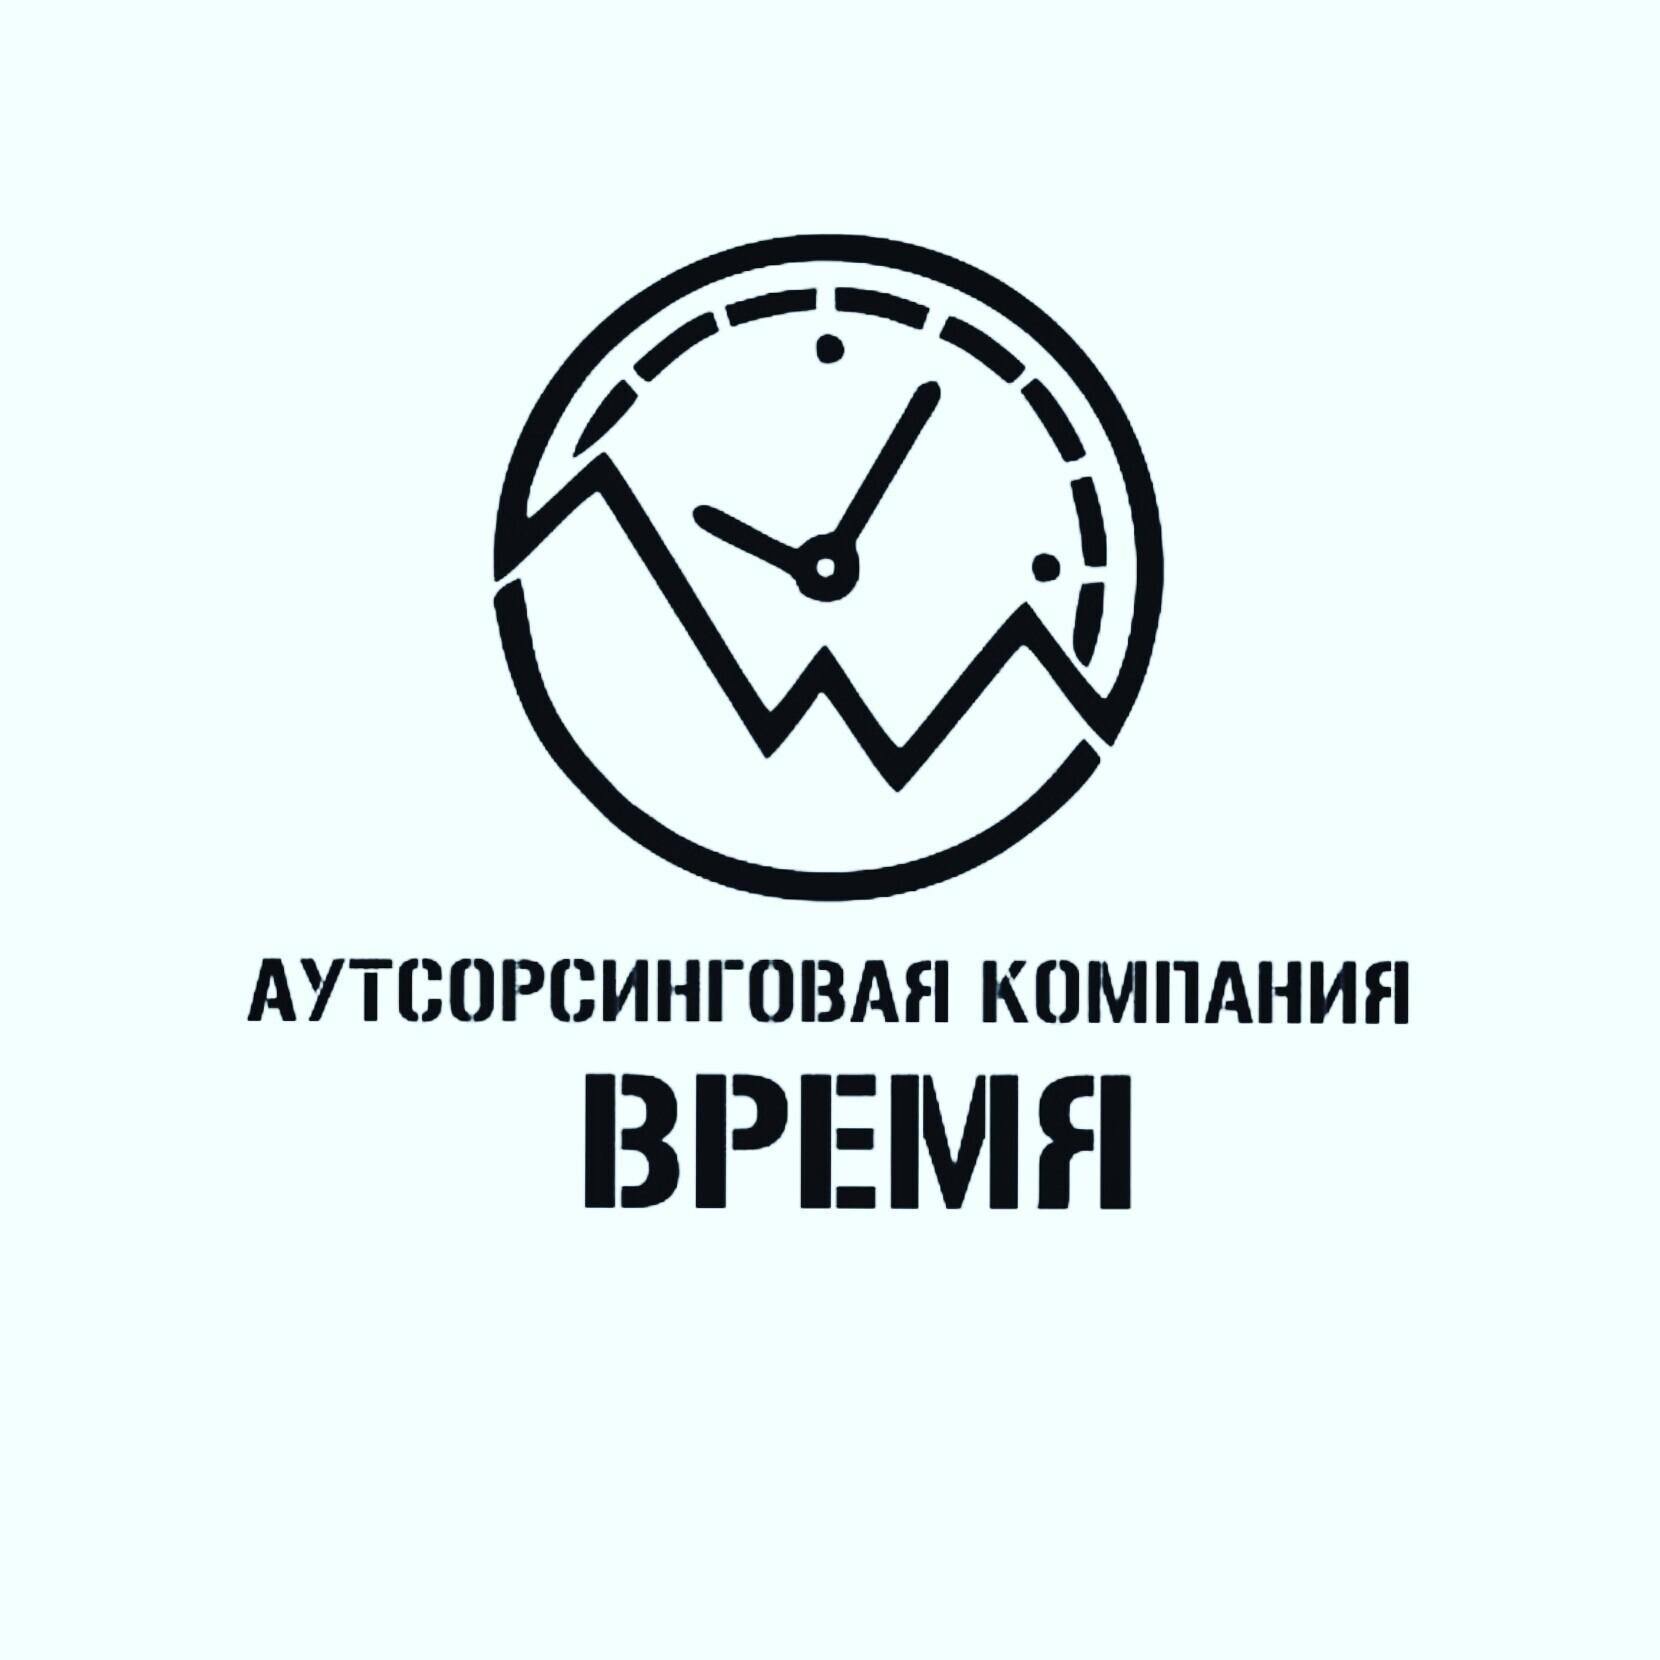 Аутсорсинговая компания Время - Бизнес-профиль компании на lalafo.kg   Кыргызстан